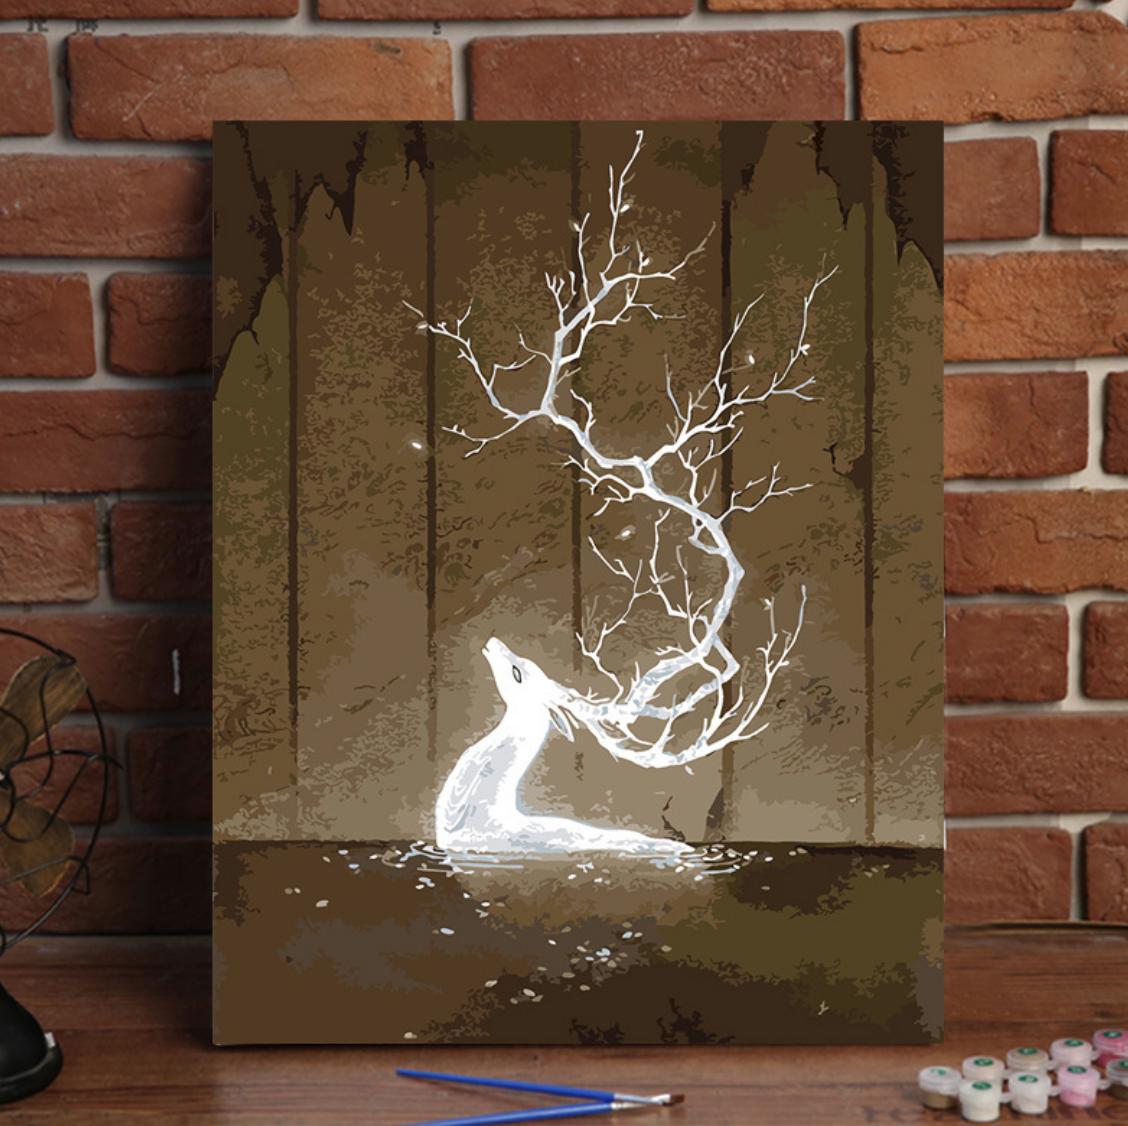 Cai Si White Deer in Water DIY Painting